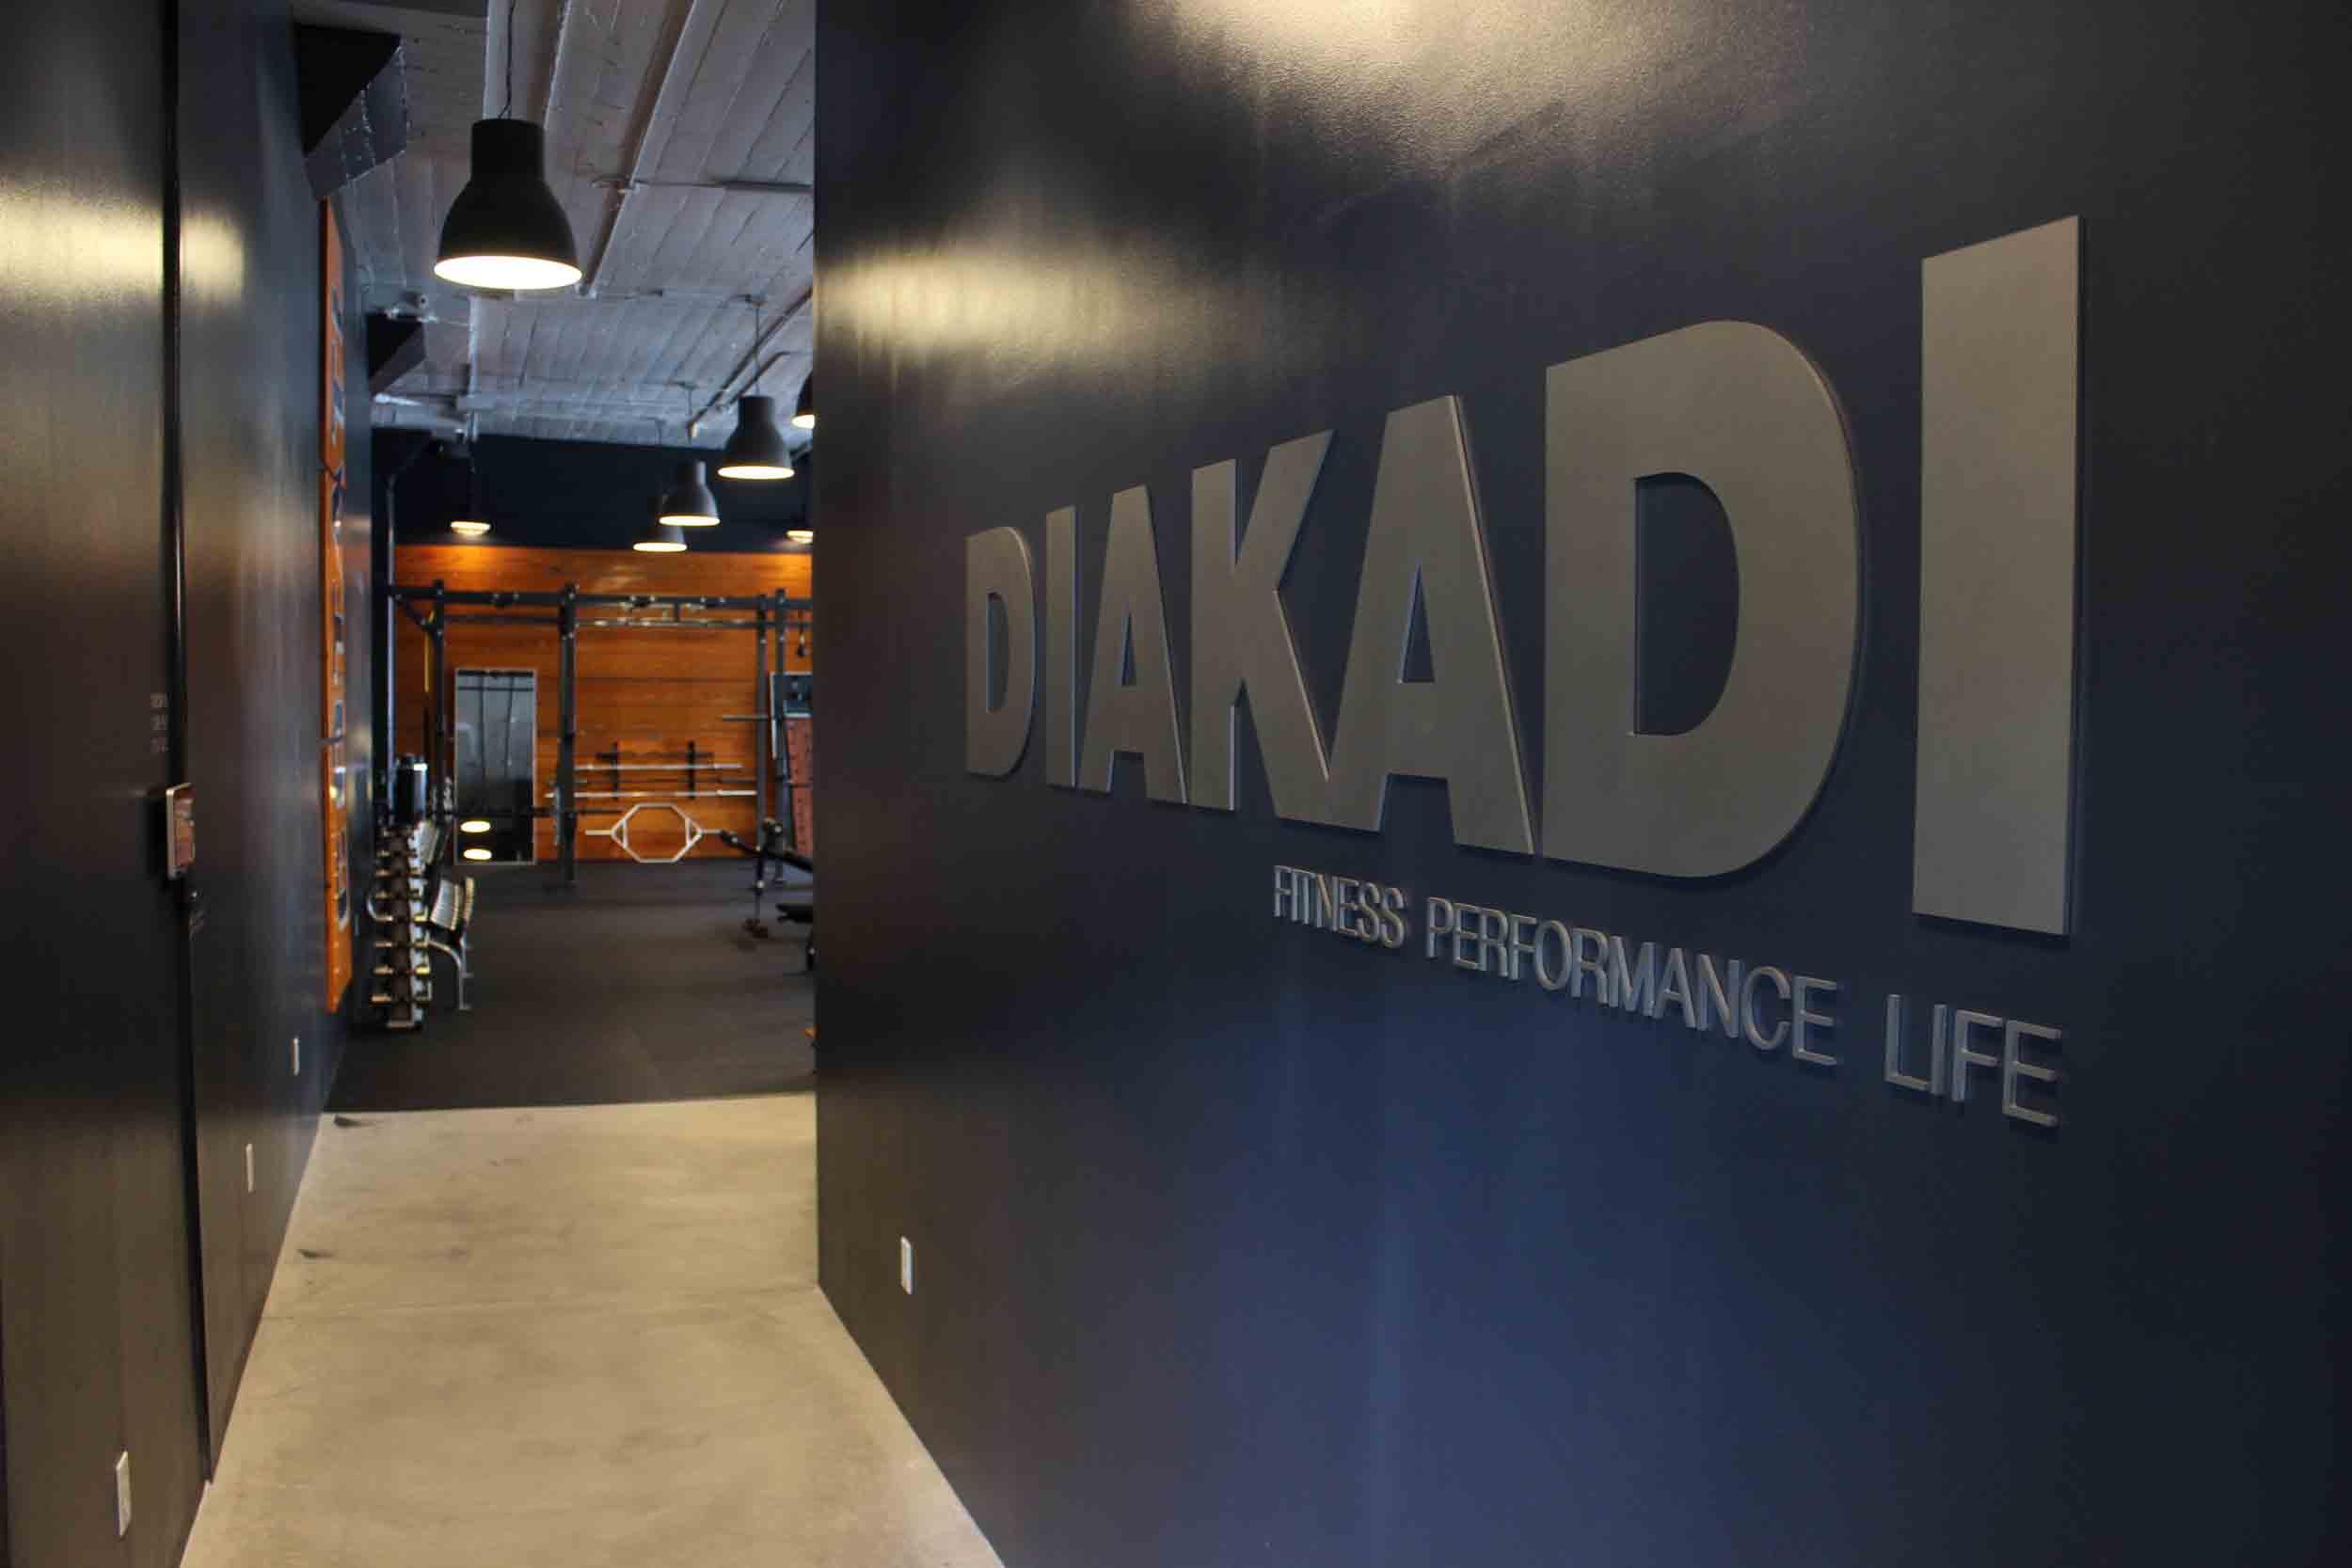 DIAKADI Fitness Facility Suite 102.jpg